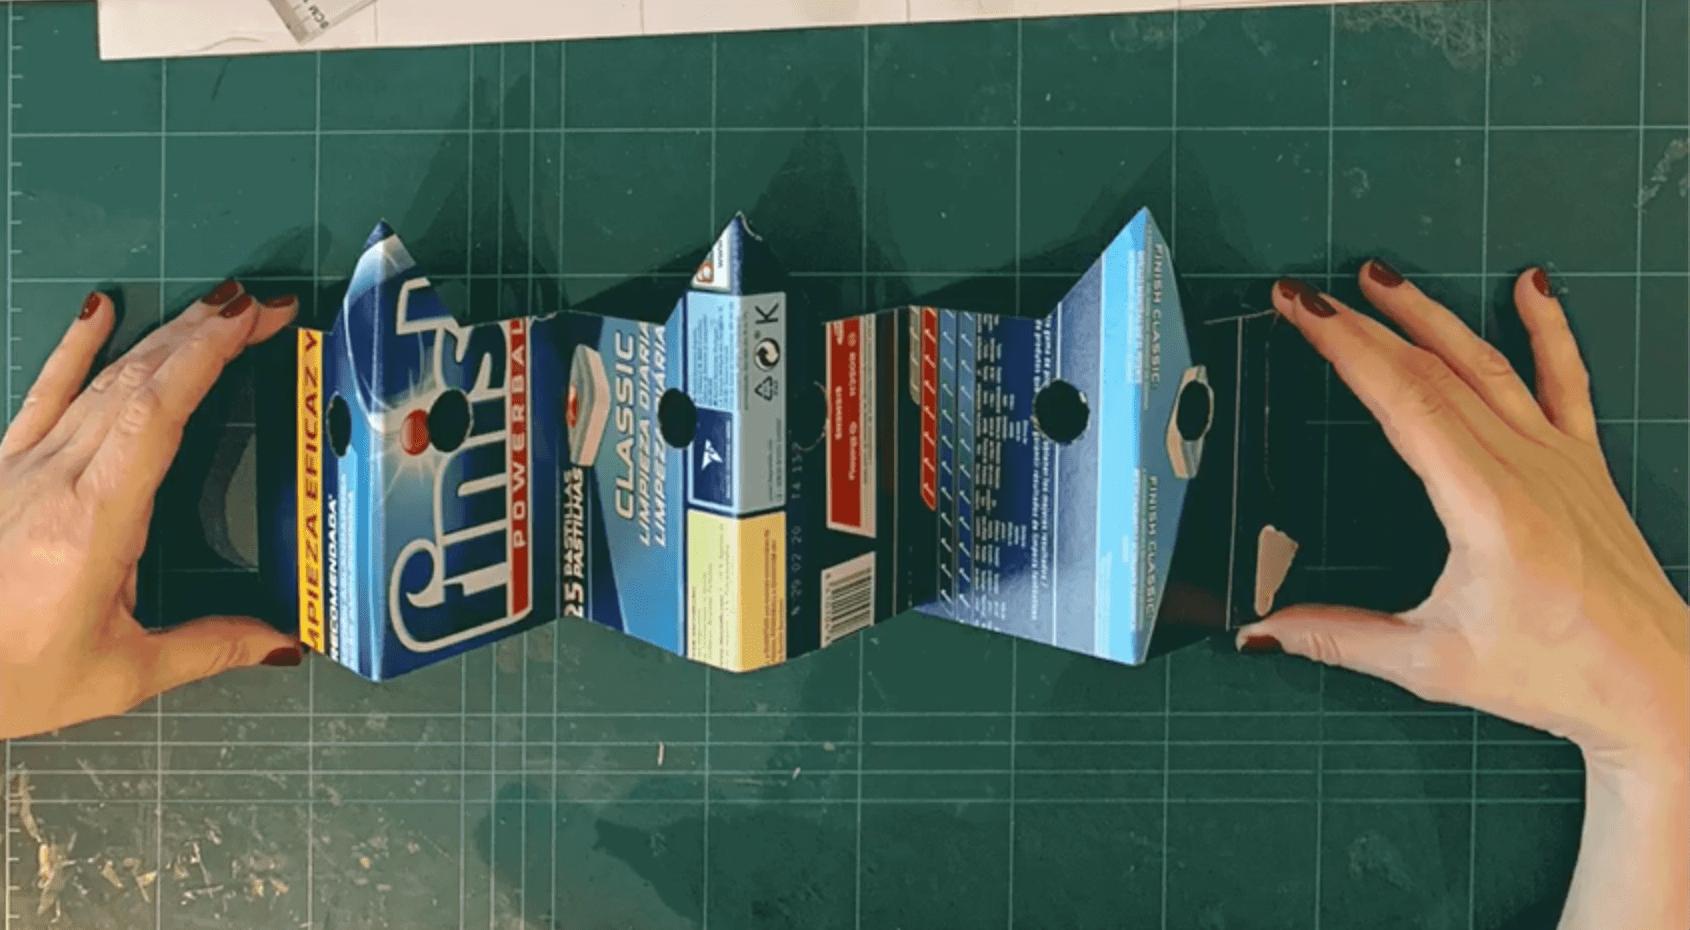 El Protector de manillas DIY que evita contagios que puedes construir gratis 75